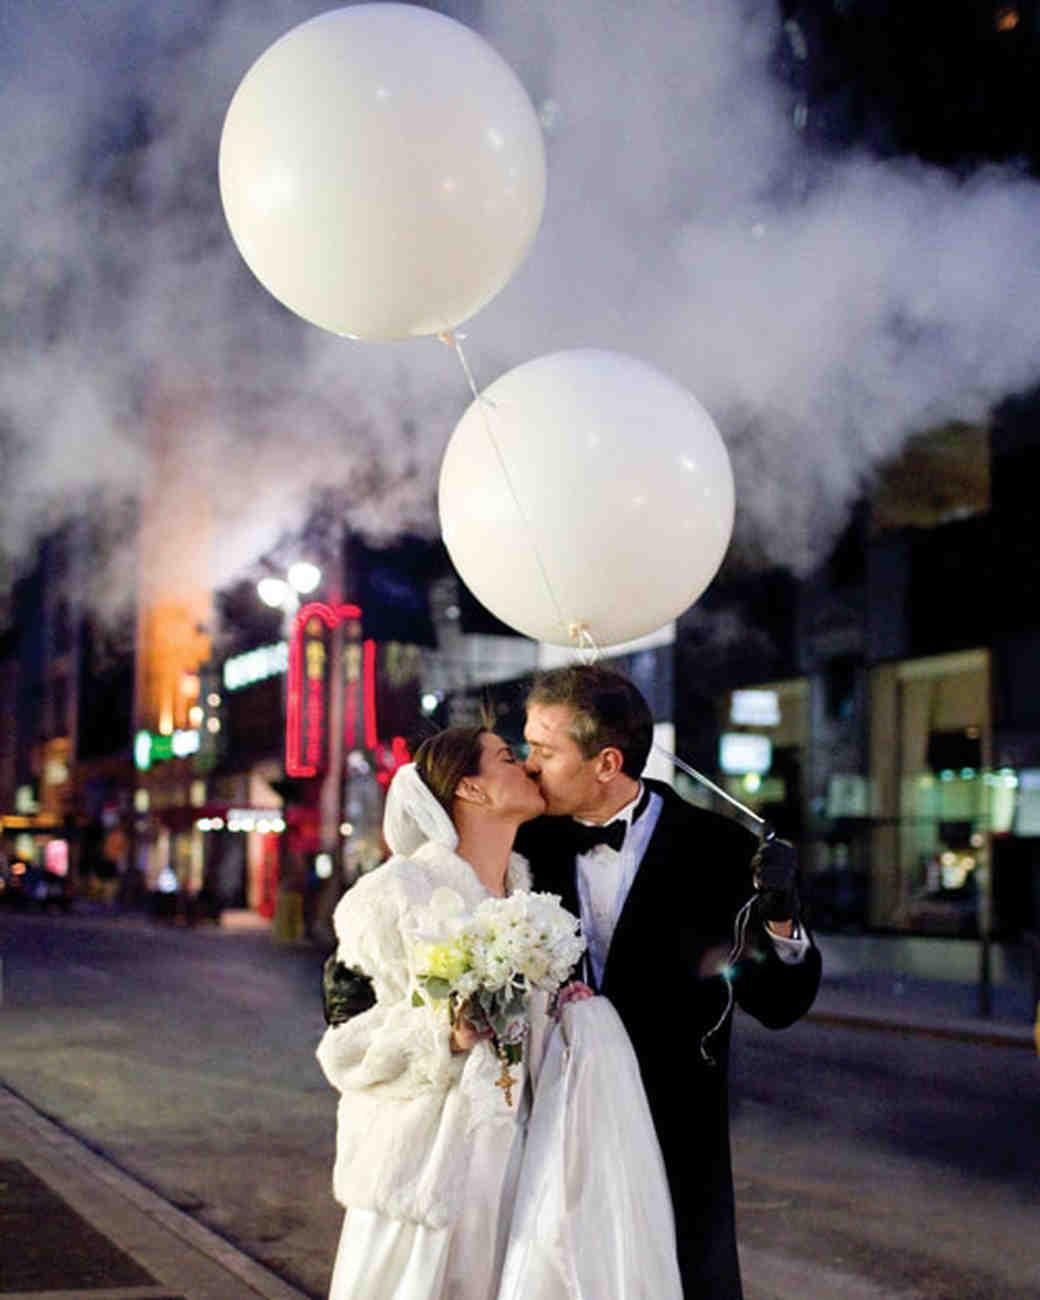 DIY Balloon Wedding Decor